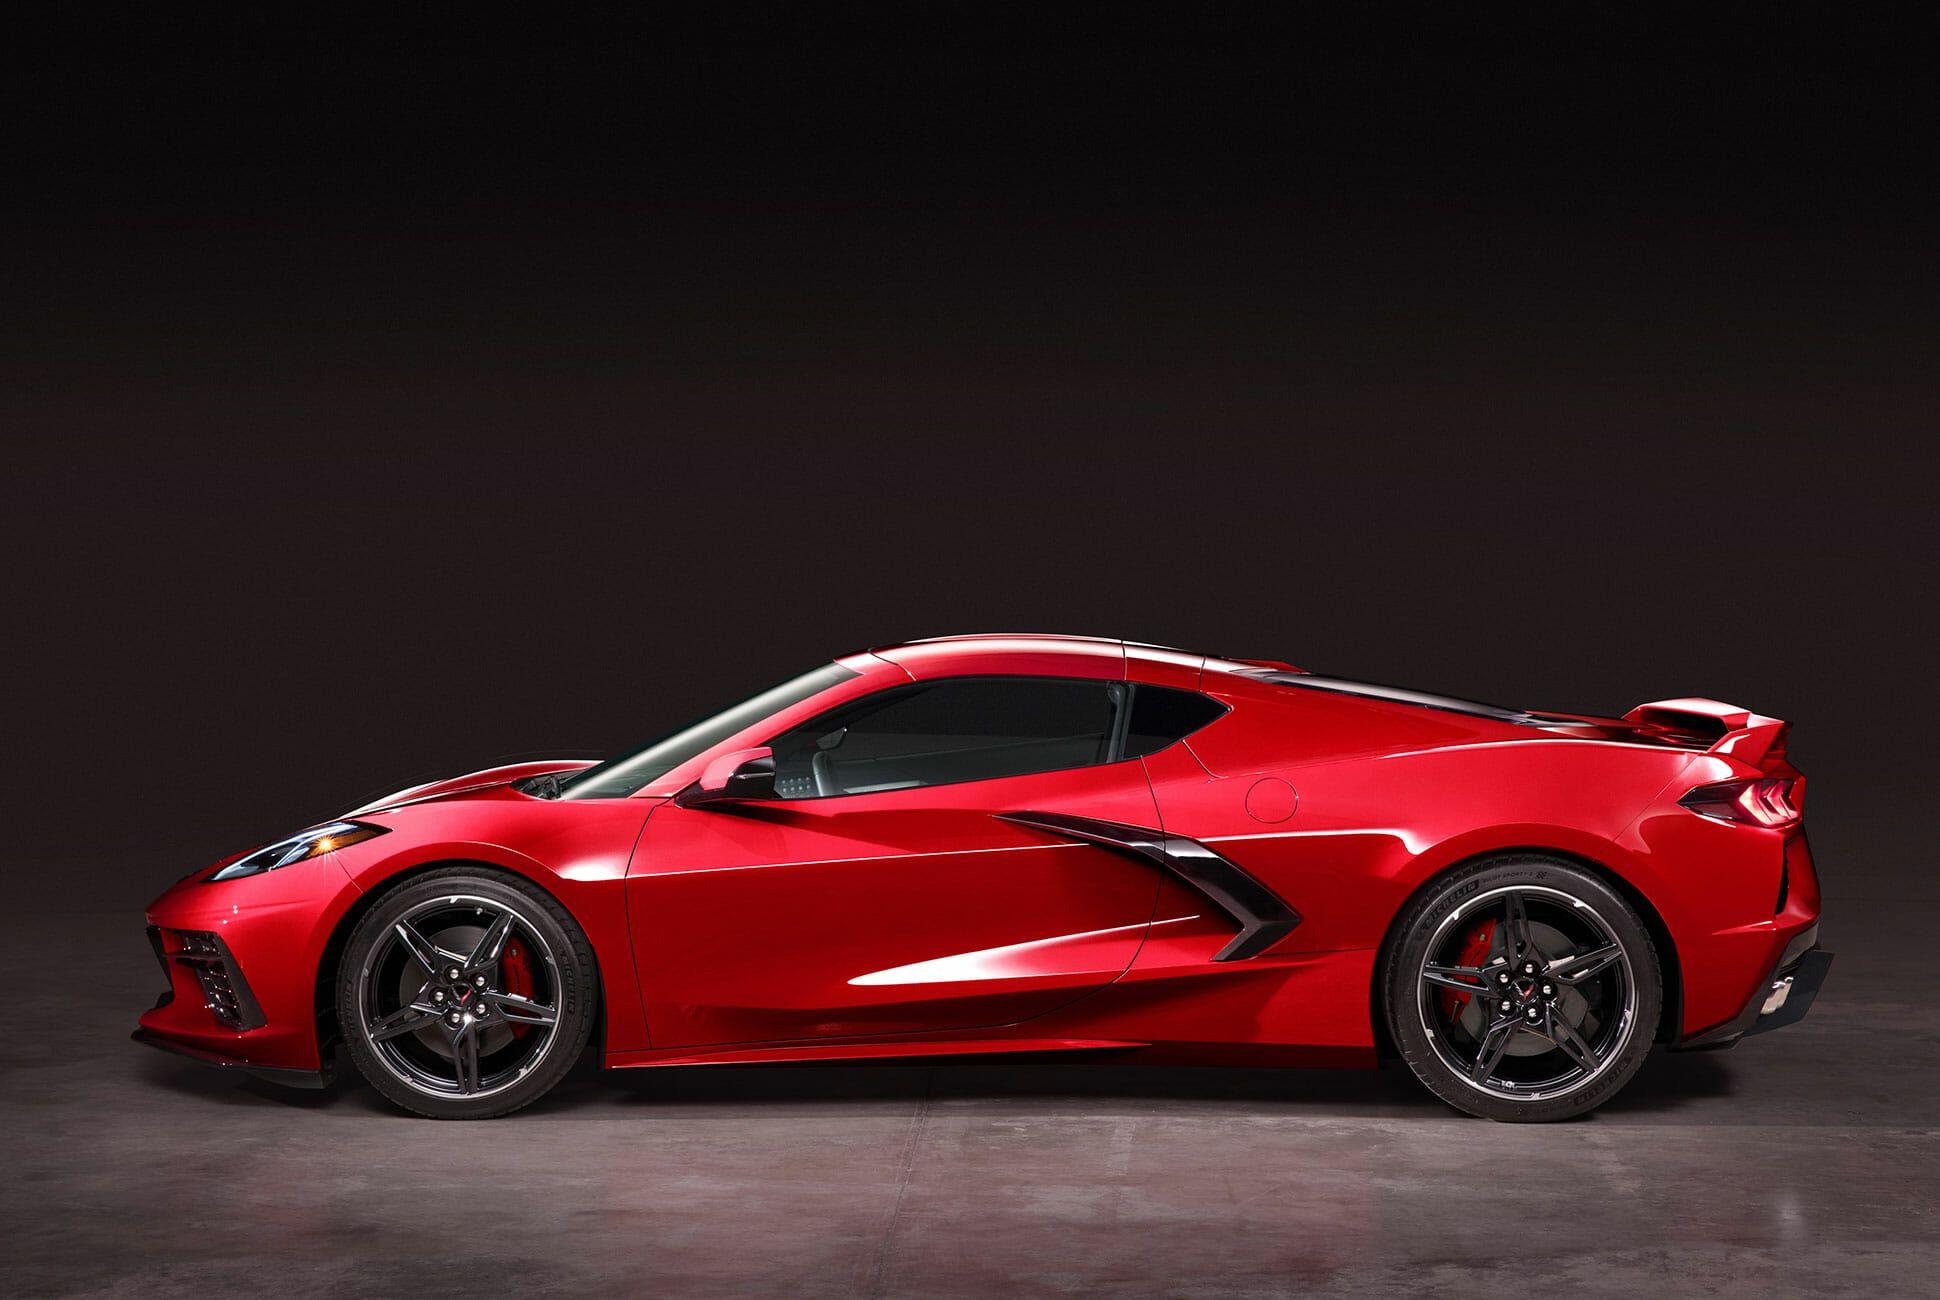 2020-Chevrolet-Corvette-Stingray-gear-patrol-slide-2